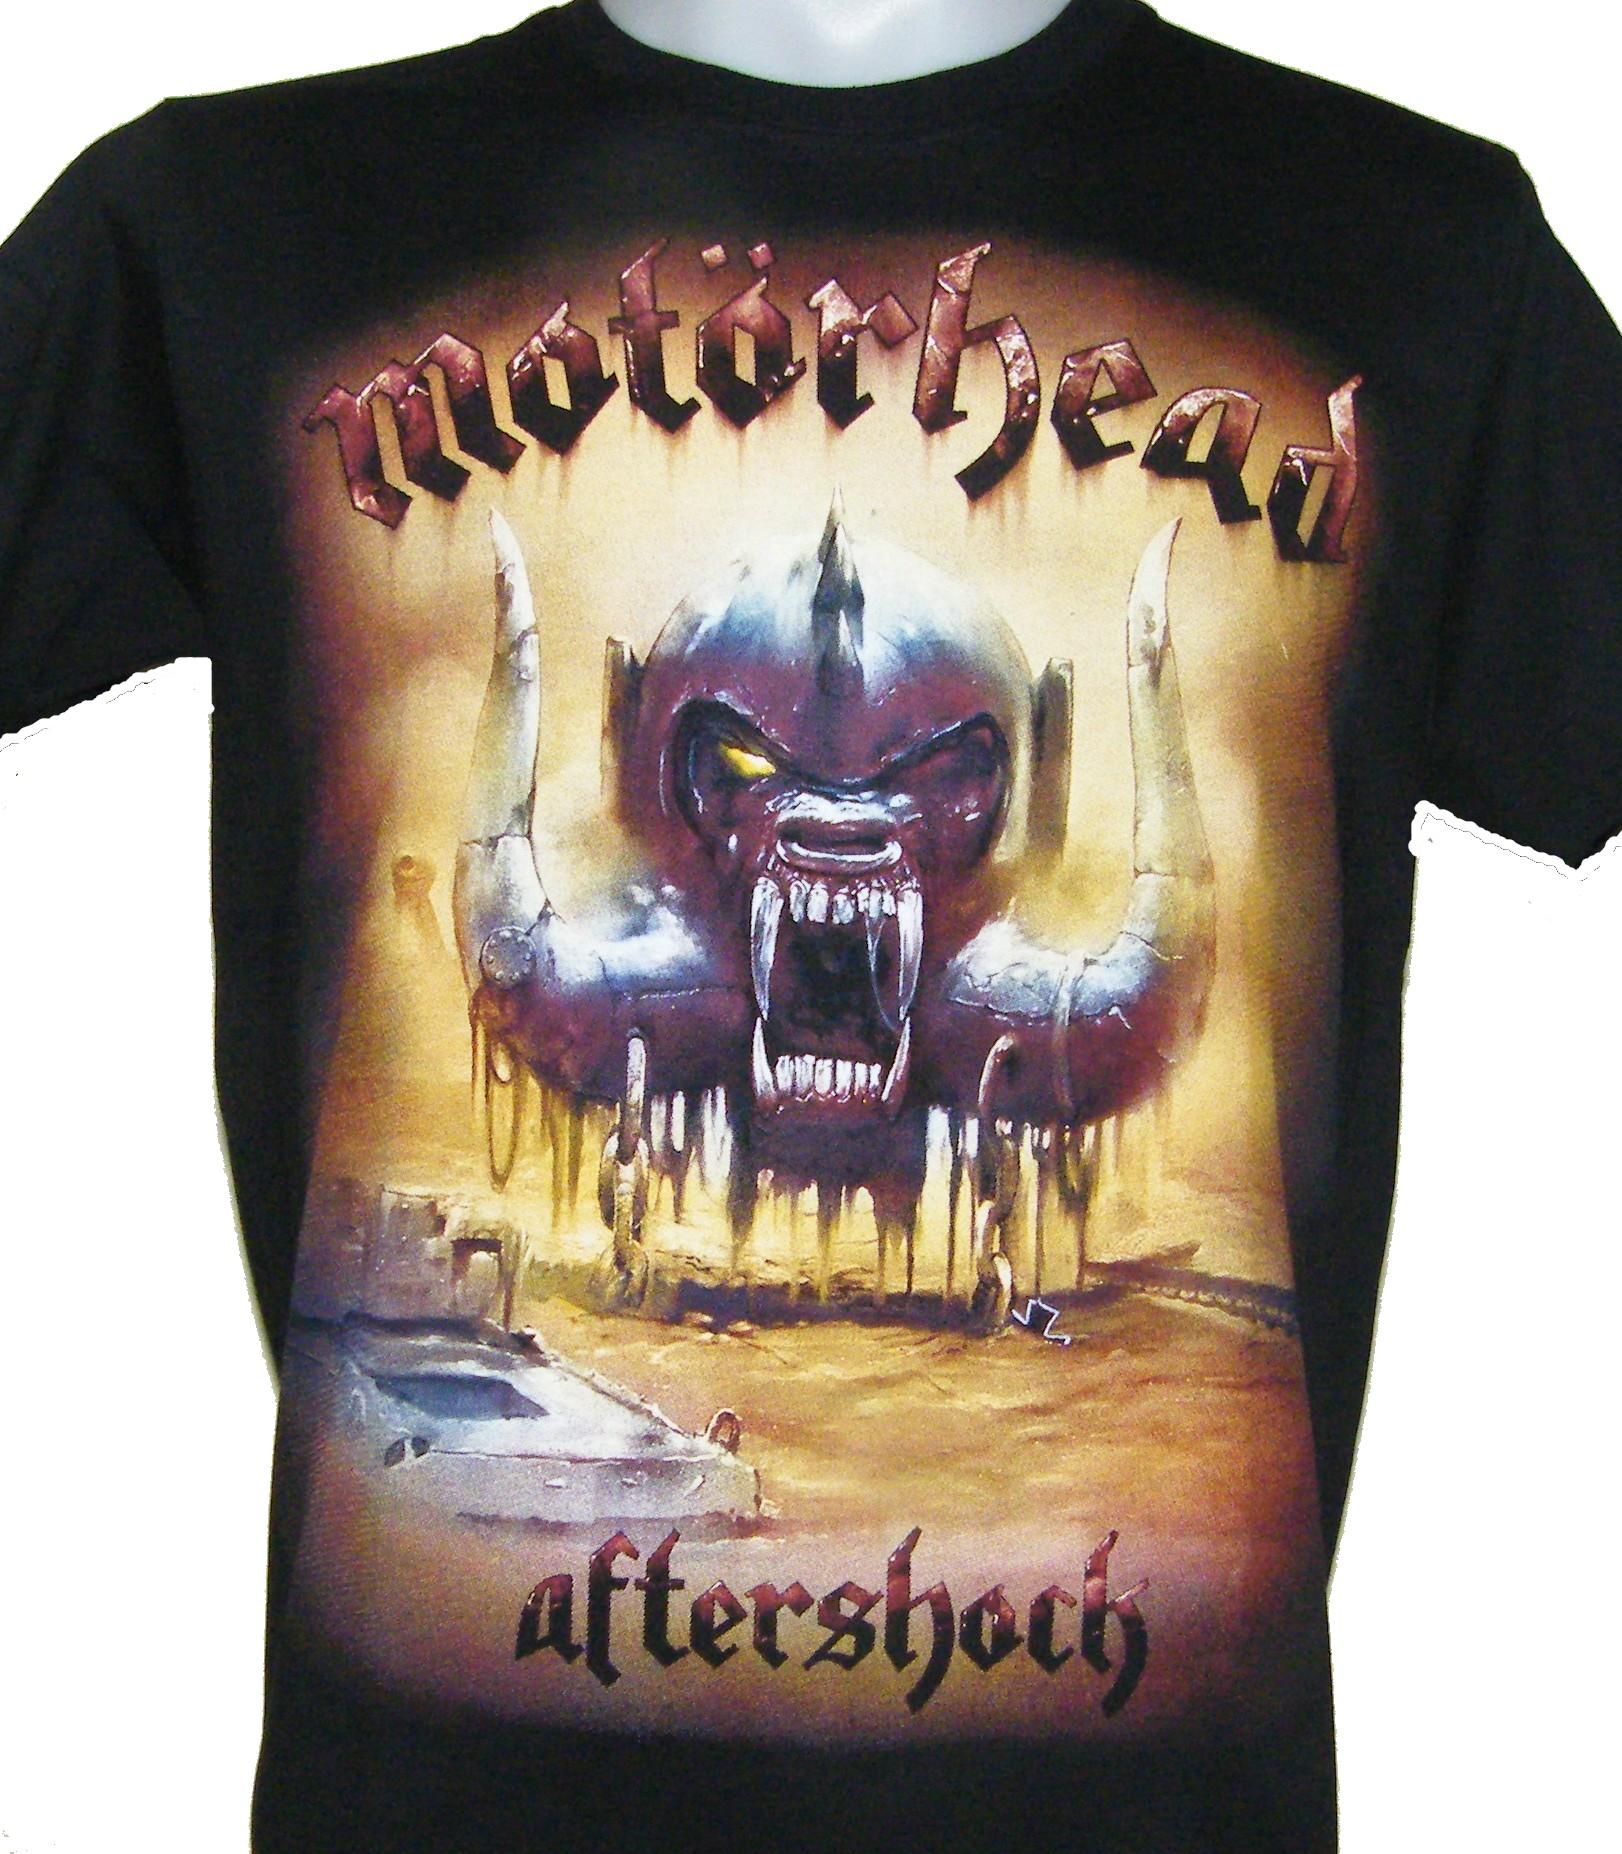 057b7fff846f Motorhead t-shirt Aftershock size L – RoxxBKK